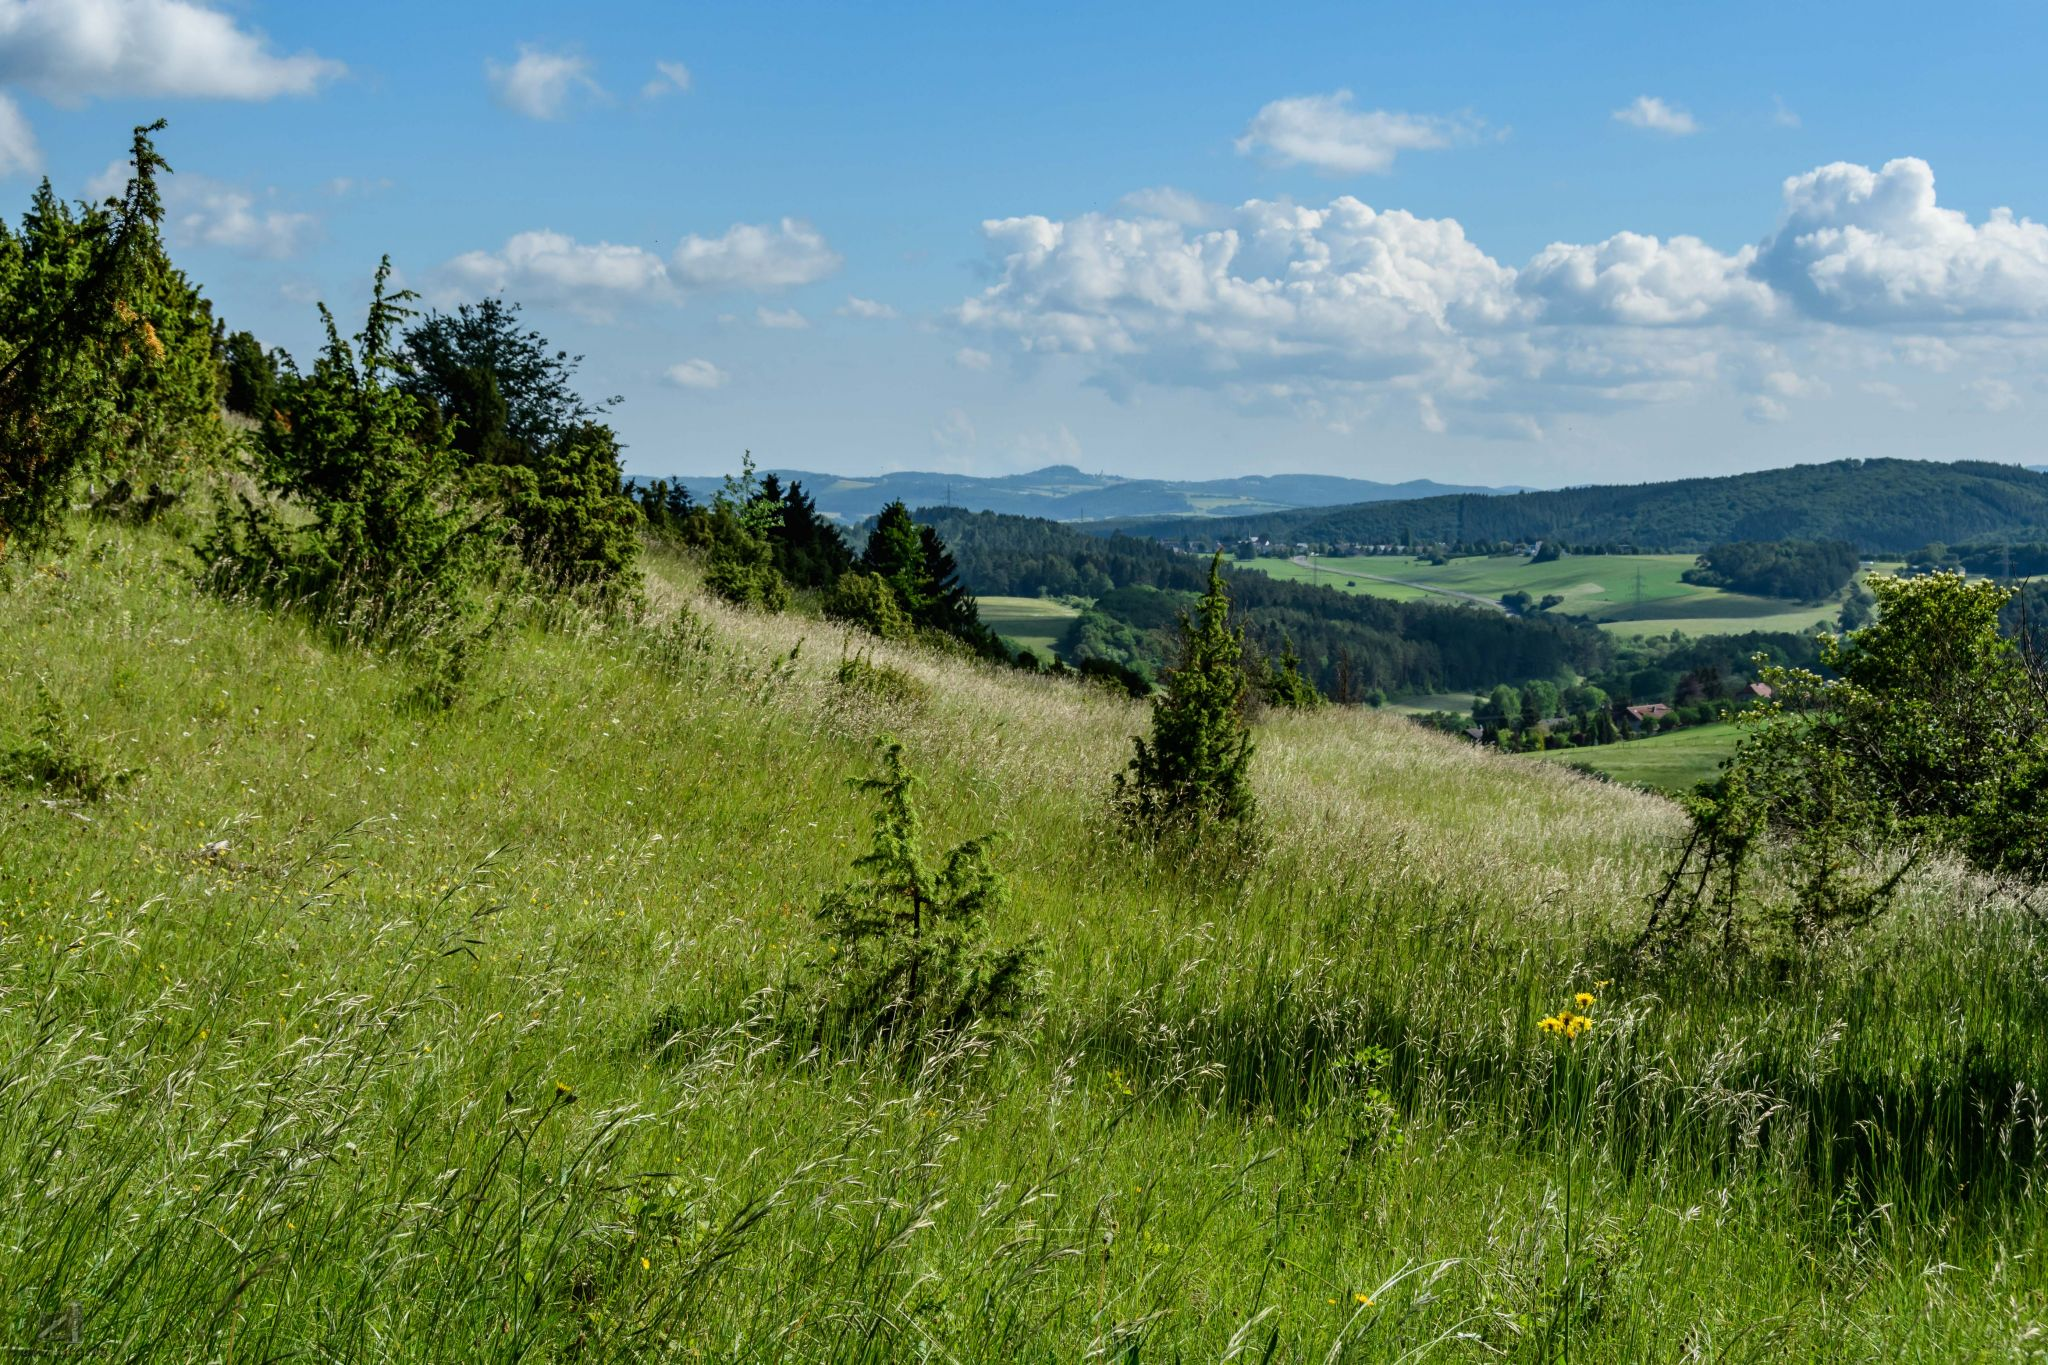 Hoenselberg, Germany